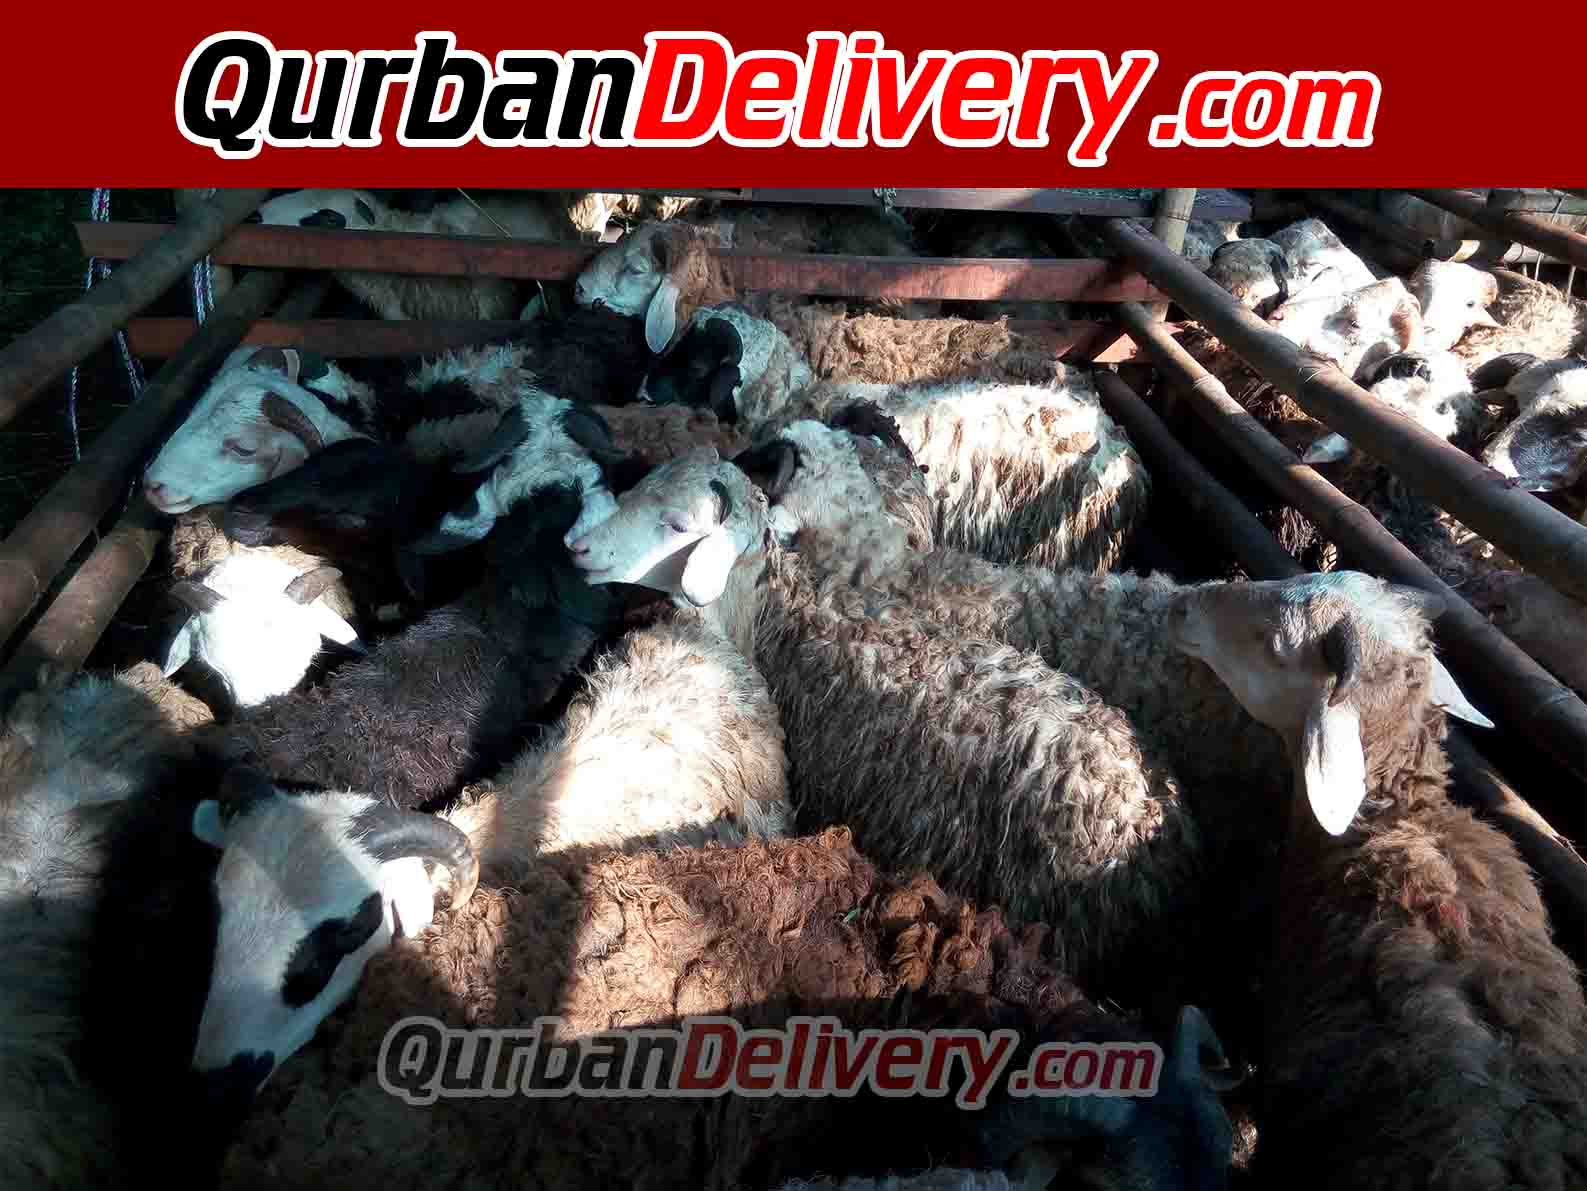 Jual Domba Qurban Per Kg Prediksi 2020-Qurban Delivery